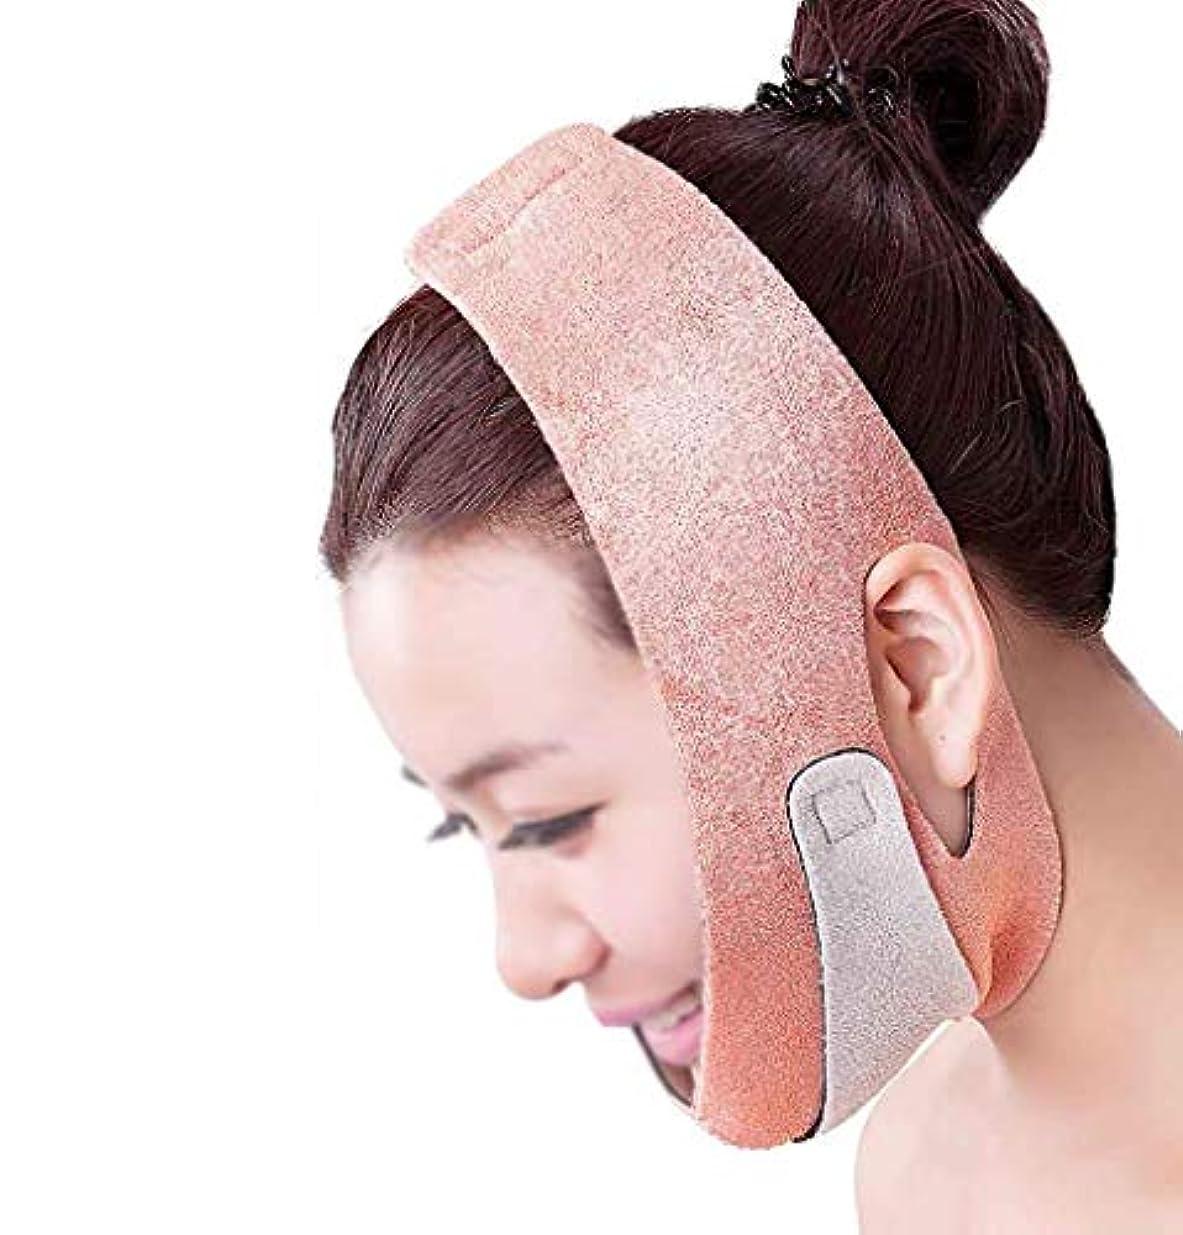 暴動電子レンジ環境に優しいHEMFV 薄い顔の包帯、ベルトフェイスマッサージツールは、二重あごをなくすリフティングVラインフェイスシェイプチンチークリフトアップアンチリンクルを作成します。 (Color : Pink)